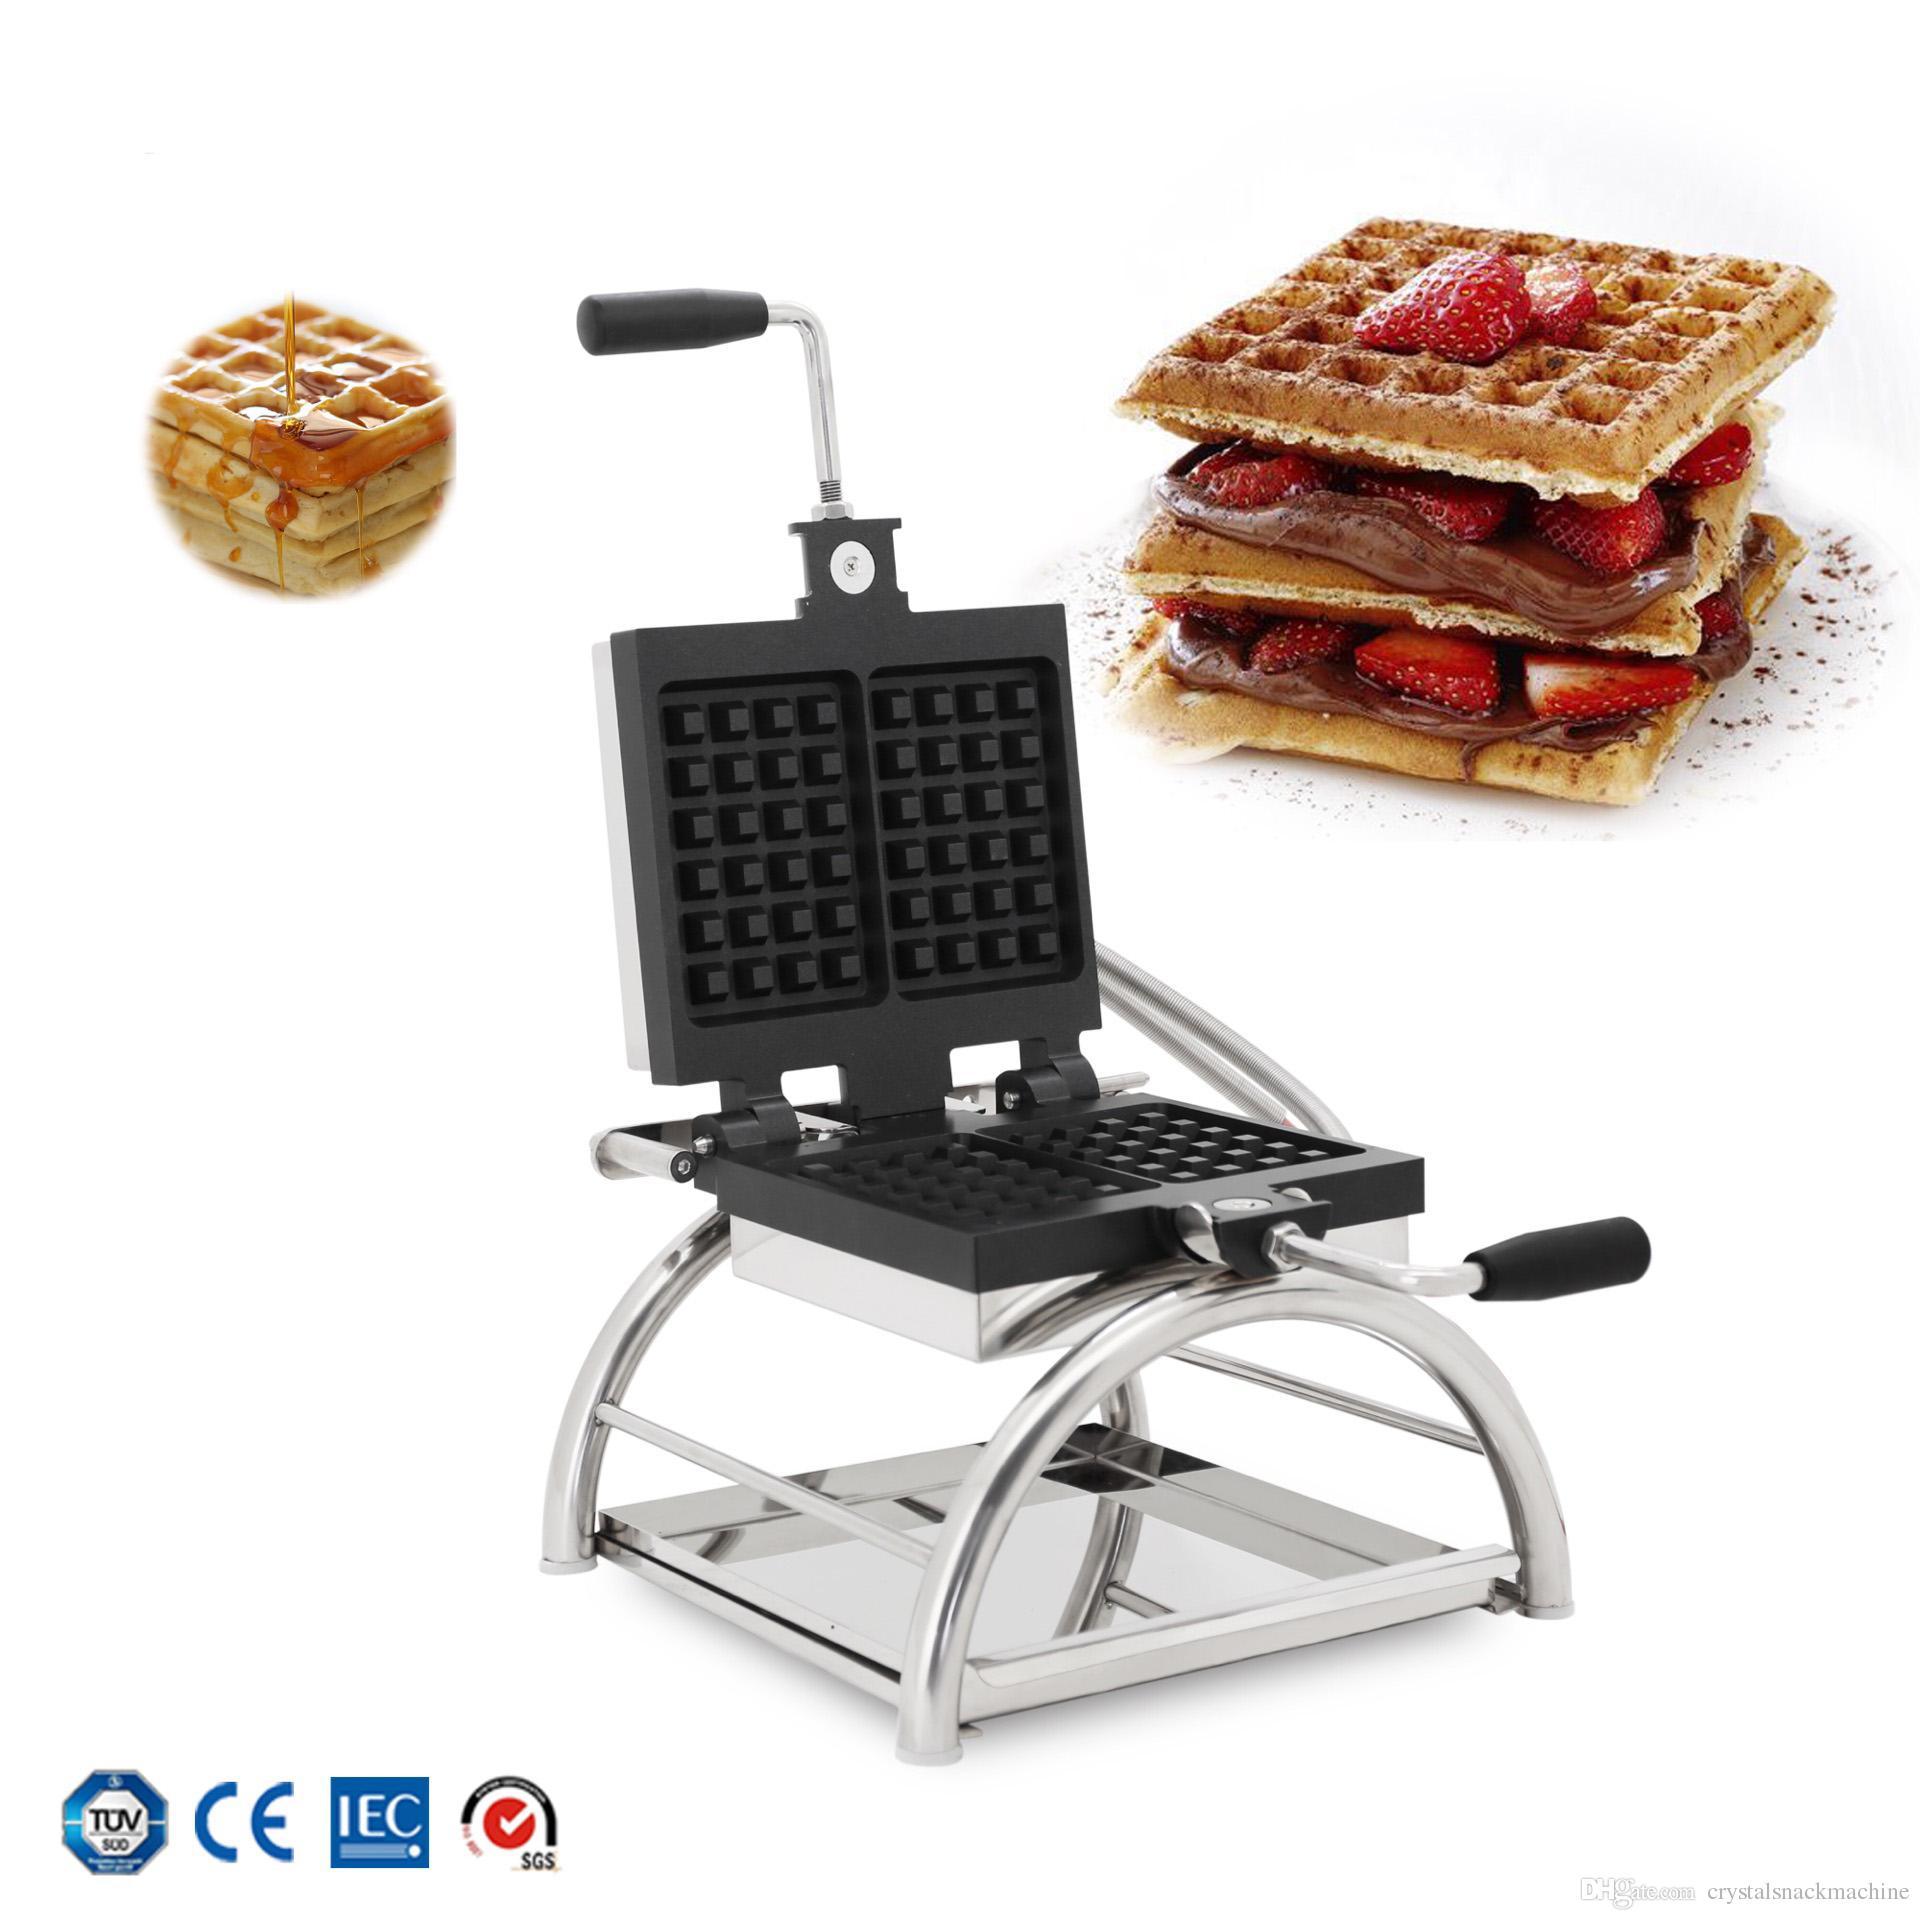 Nouvelle machine à gâteaux de la machine de gaufre rotative Deux Machine de gaufre de muffin carrée Machine à pain électrique